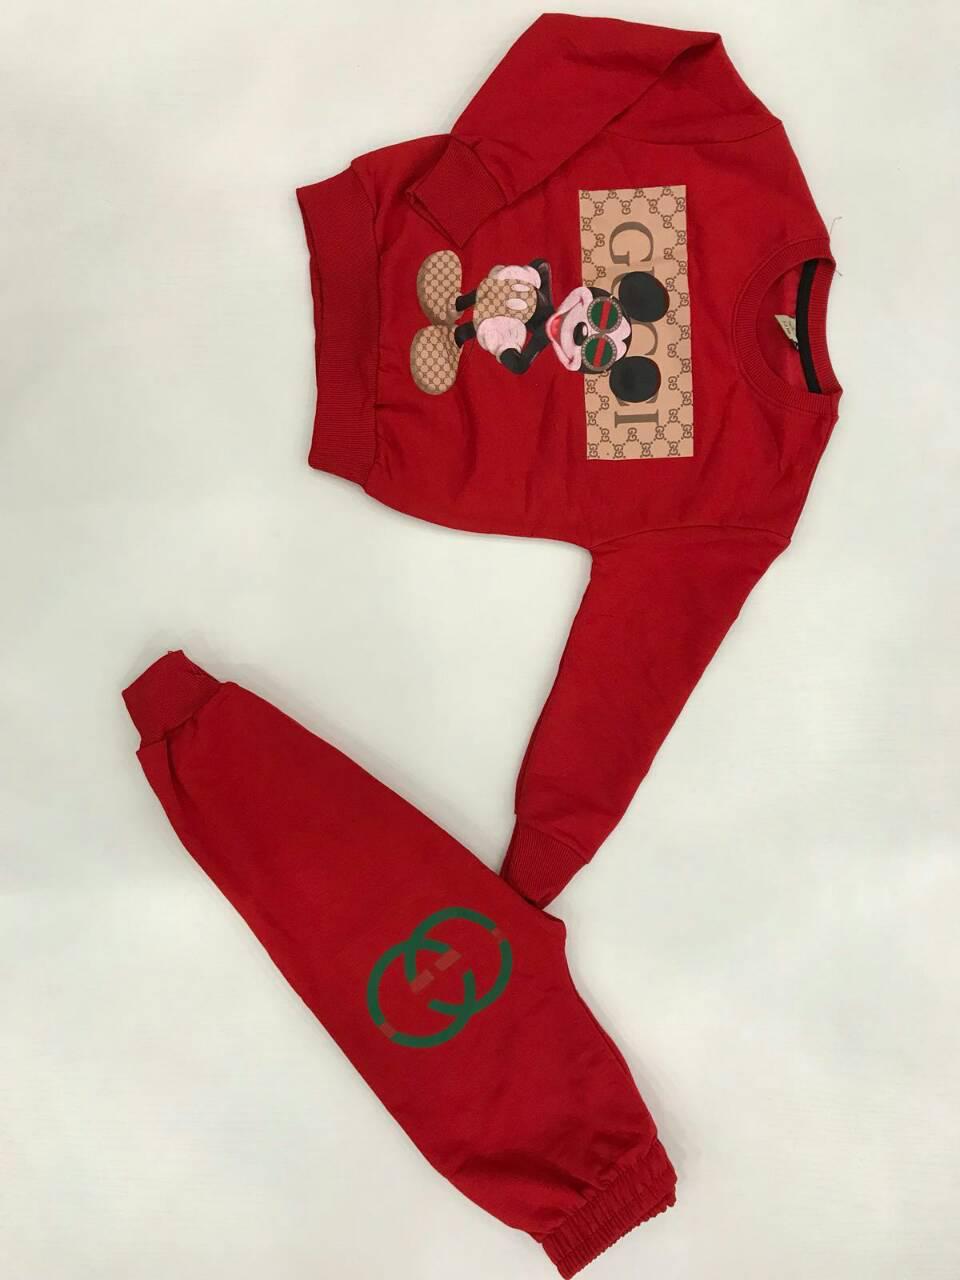 a0276ecc9c5f2 Детский костюм Gucci - KinderAM - интернет - магазин детской одежды в Киеве